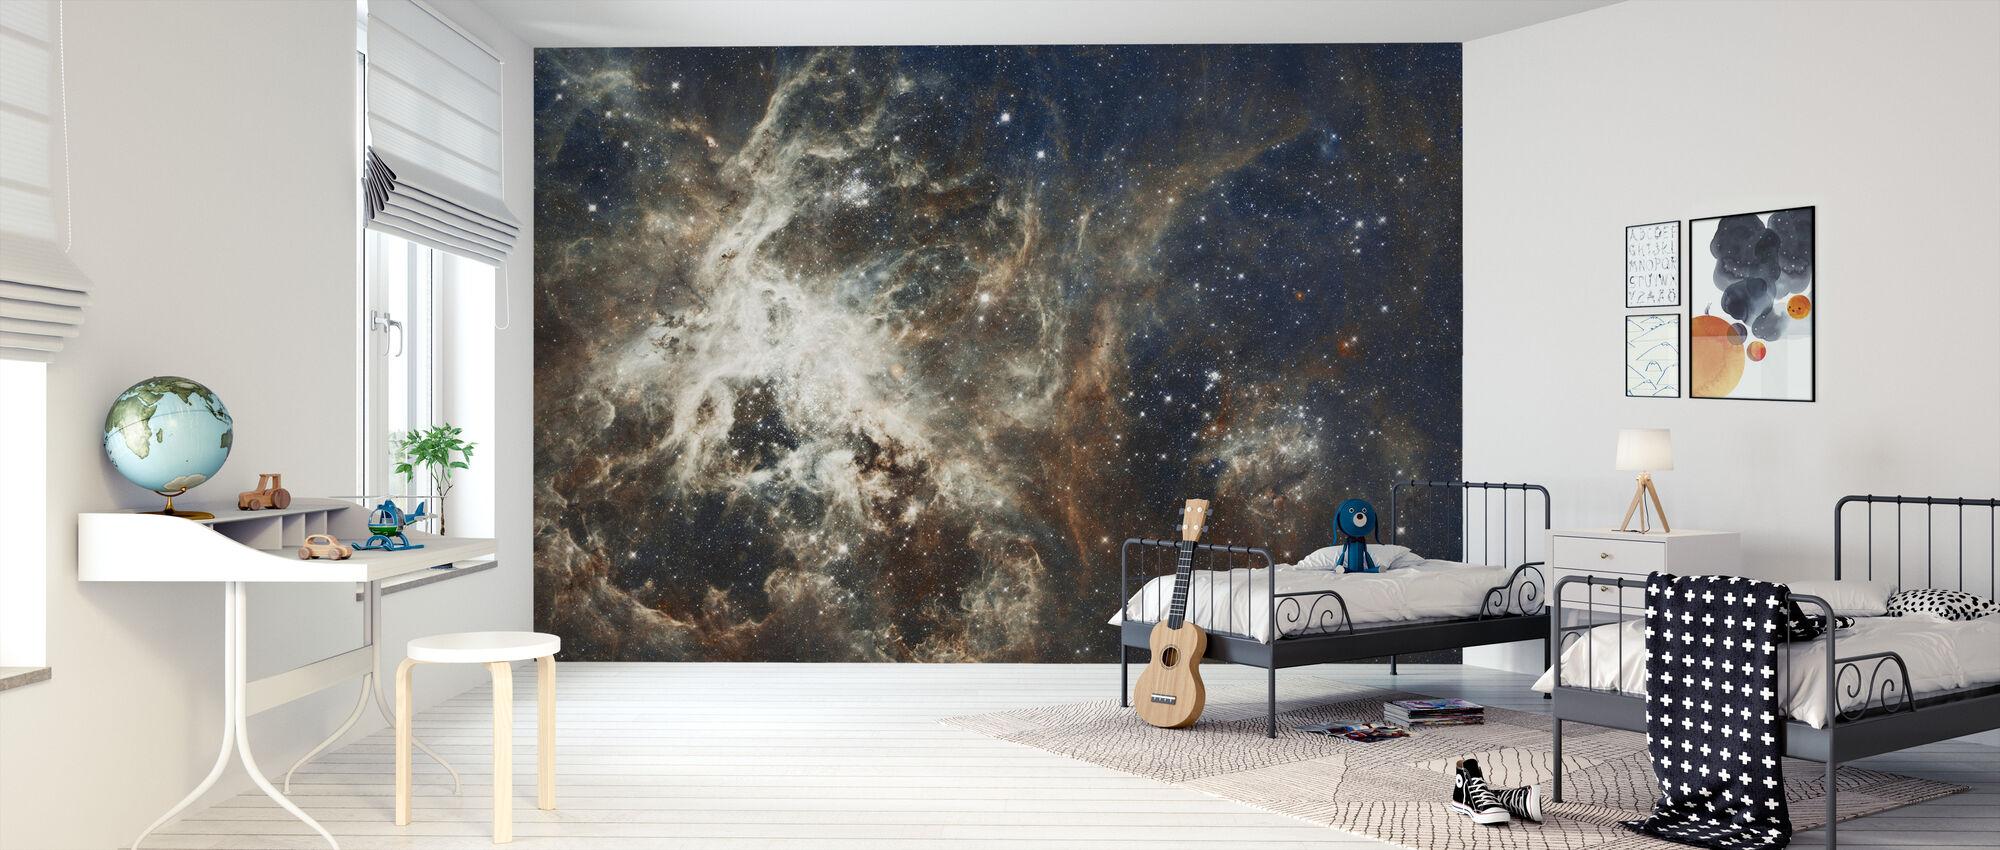 Galaksi - Tapetti - Lastenhuone